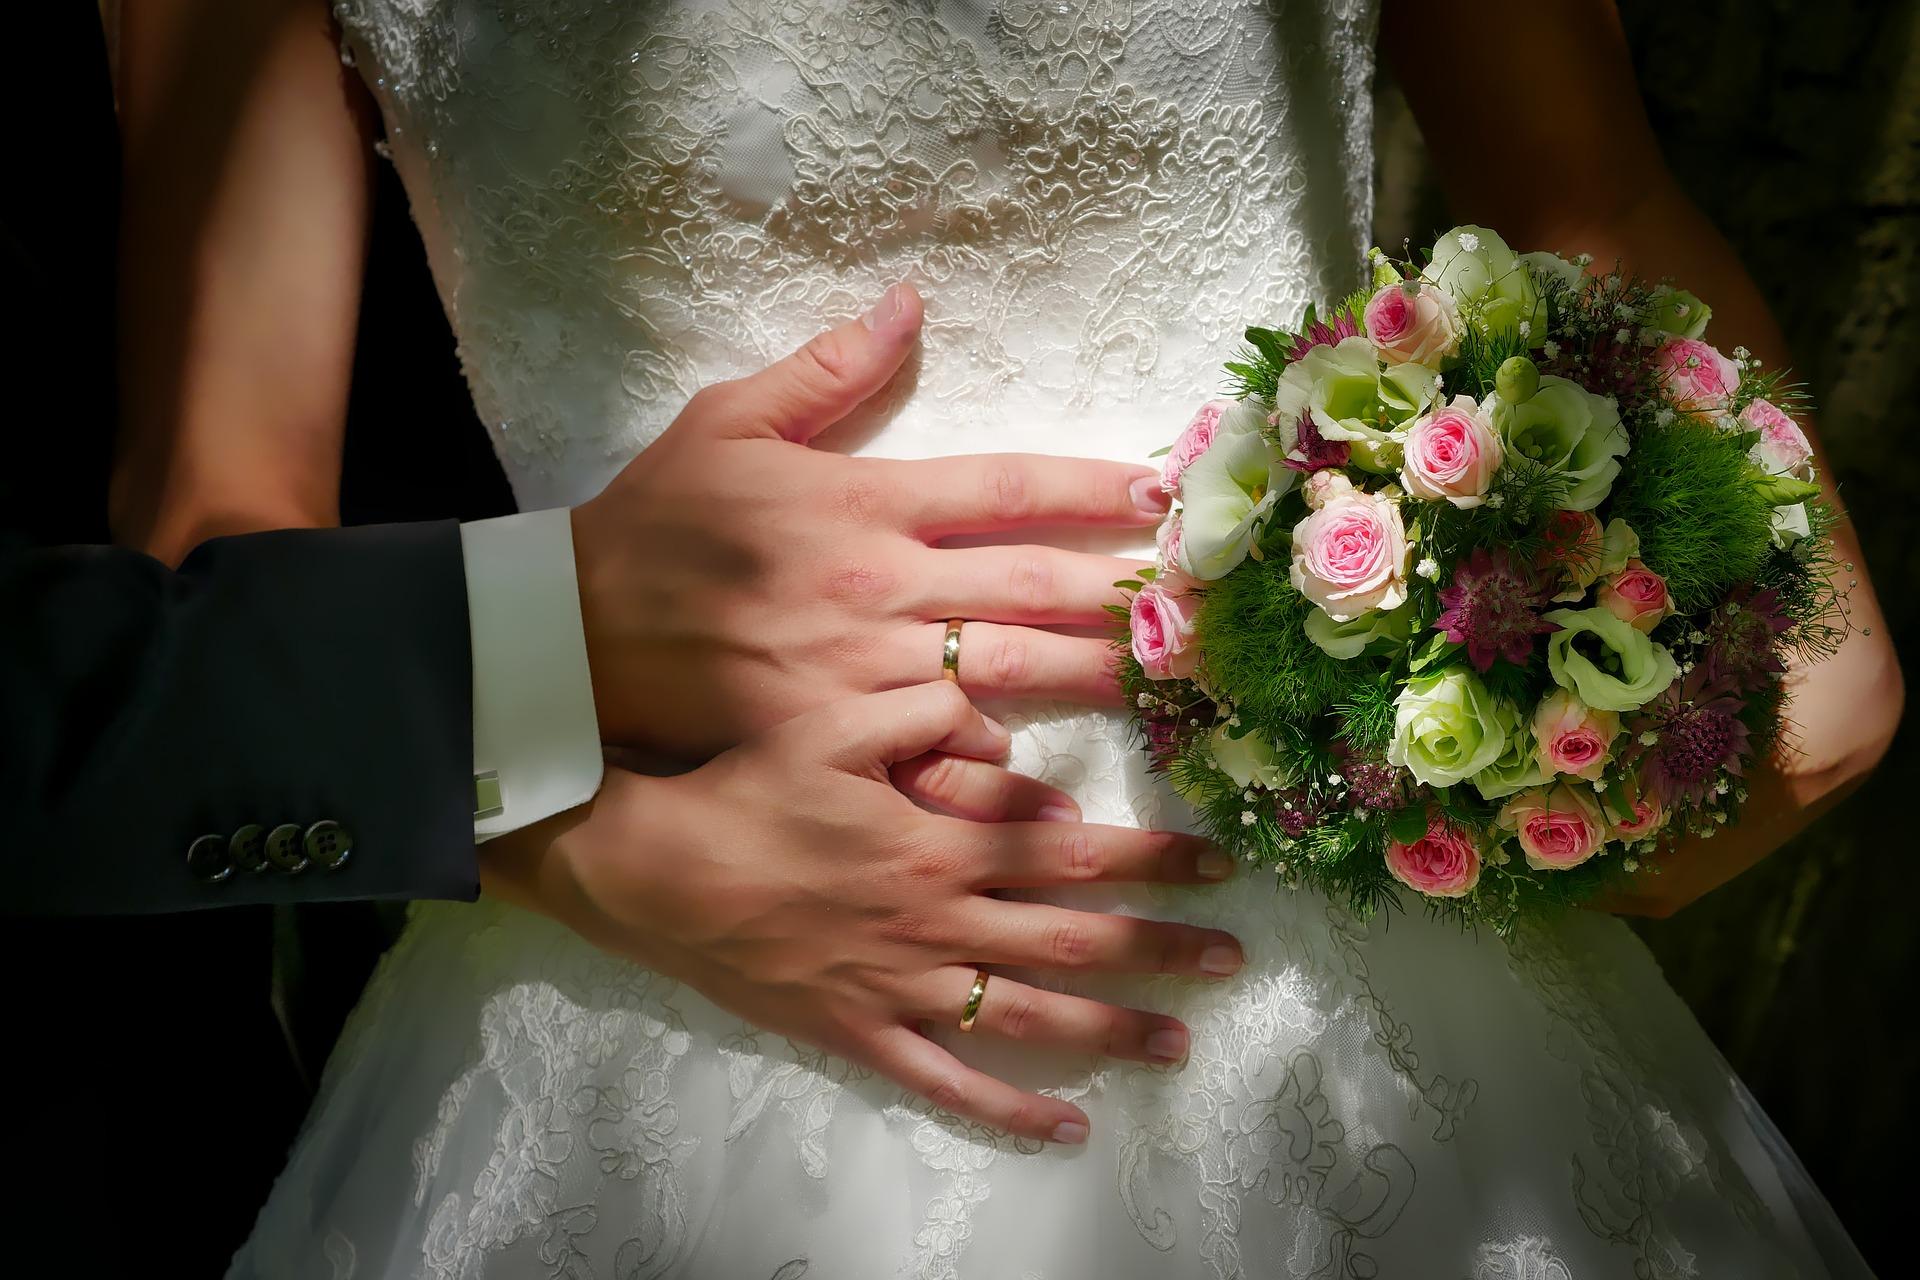 Eleged van az esküvőszervezésből? Ezek a trükkök segítenek a stresszkezelésben